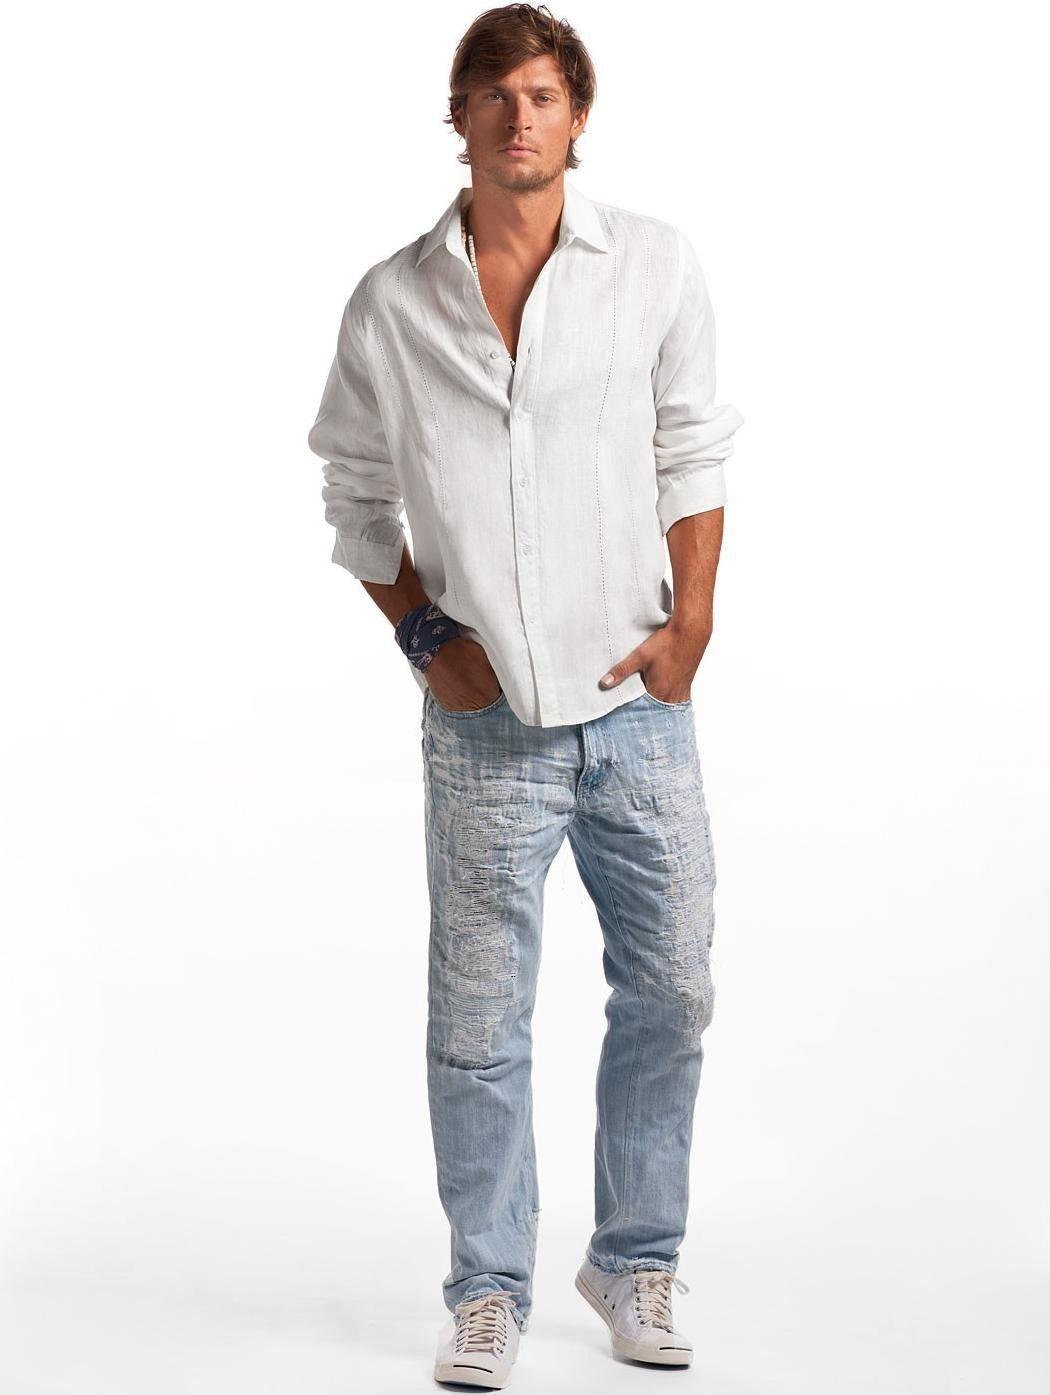 White Rio Linen Shirt - Men's White Linen Shirt | Island Company ...